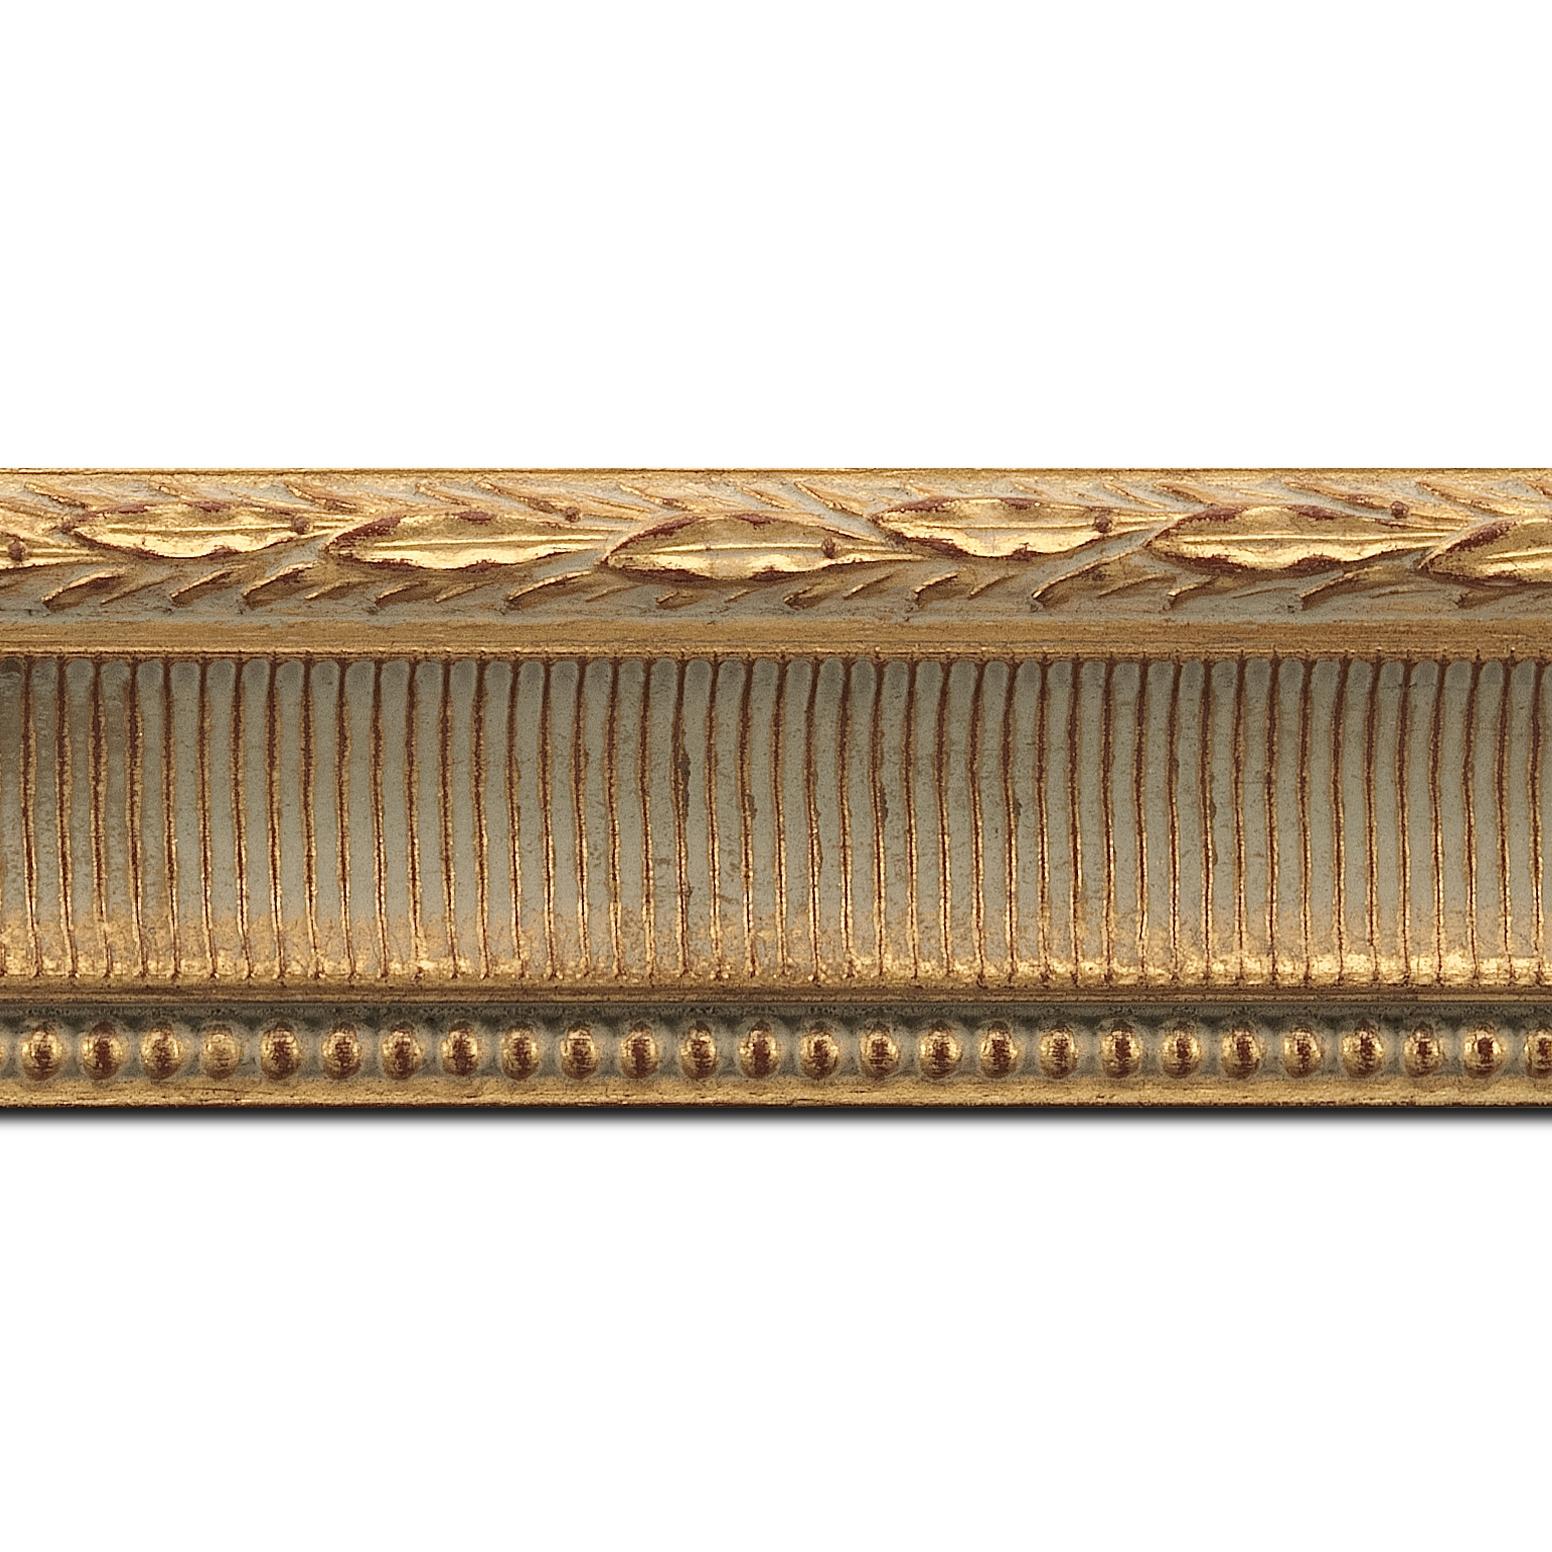 Pack par 12m, bois profil incurvé largeur 6cm or antique empire à canaux (longueur baguette pouvant varier entre 2.40m et 3m selon arrivage des bois)